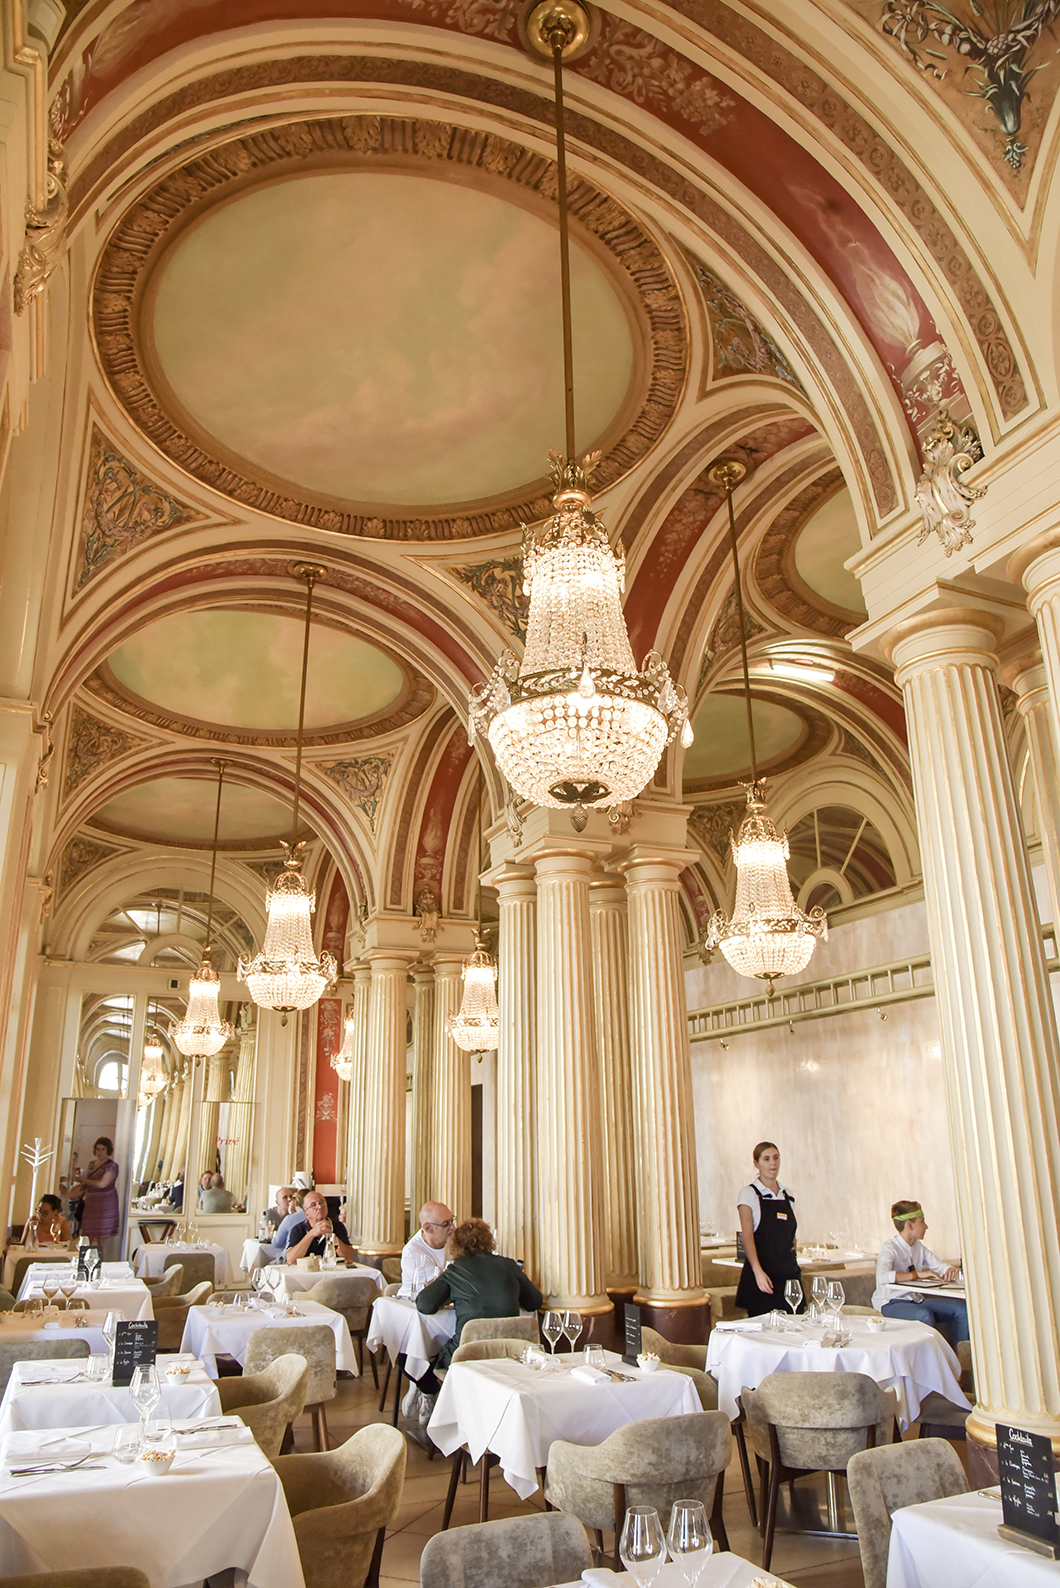 Déjeuner dans le restaurant de Philippe Etchebest à Bordeaux